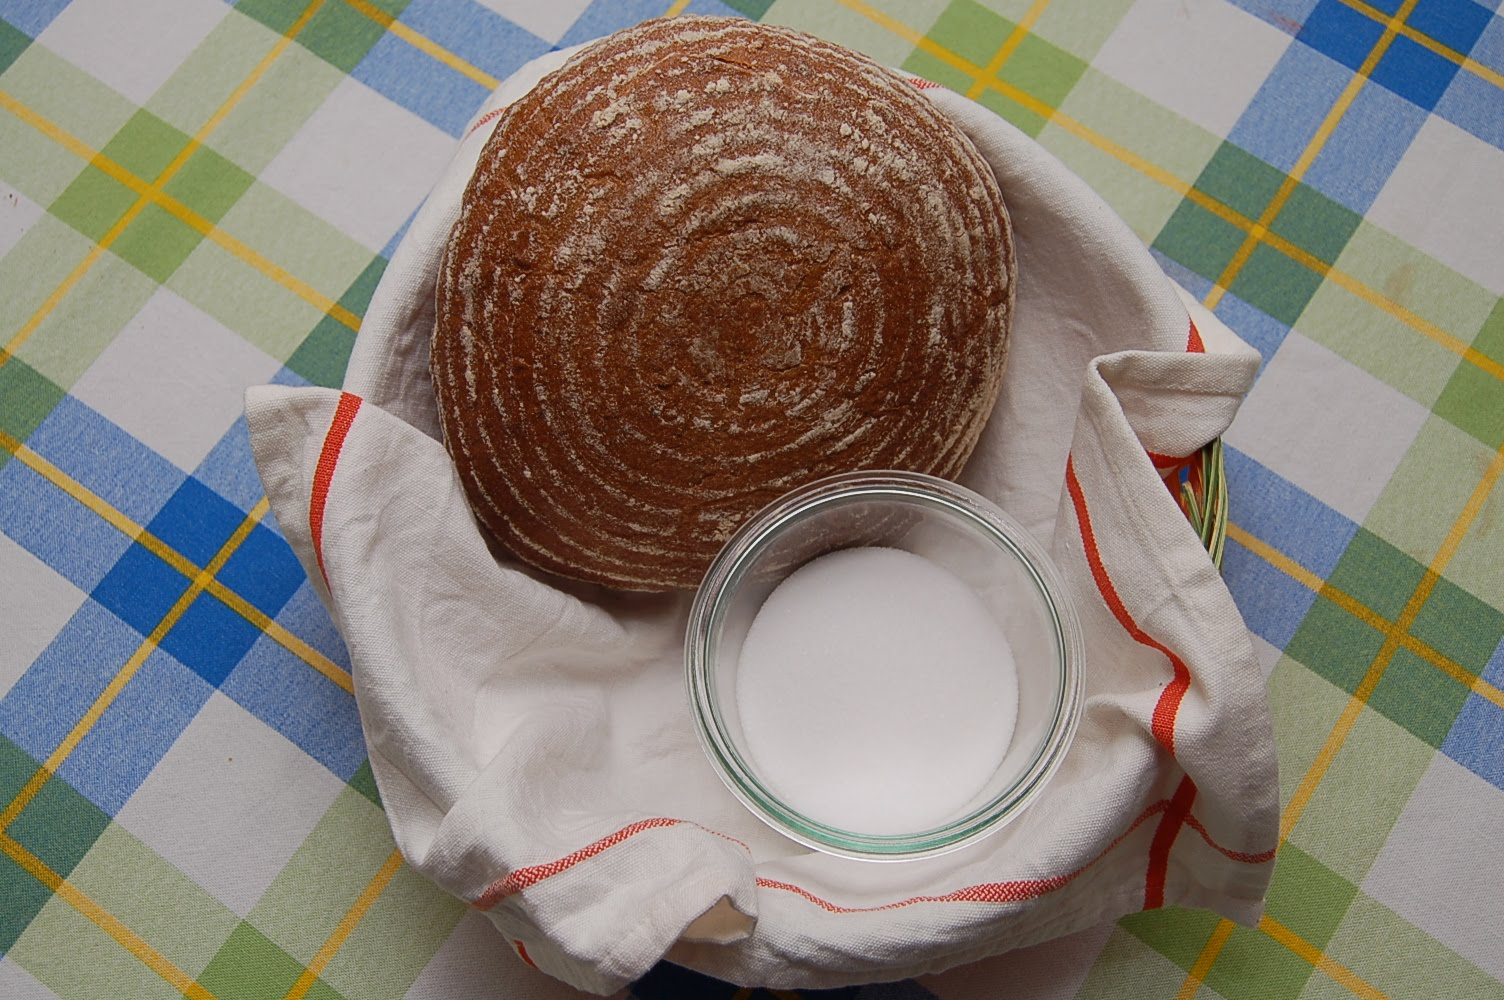 Die fadenwirkerin brot und salz - Brot und salz gott erhalts ...